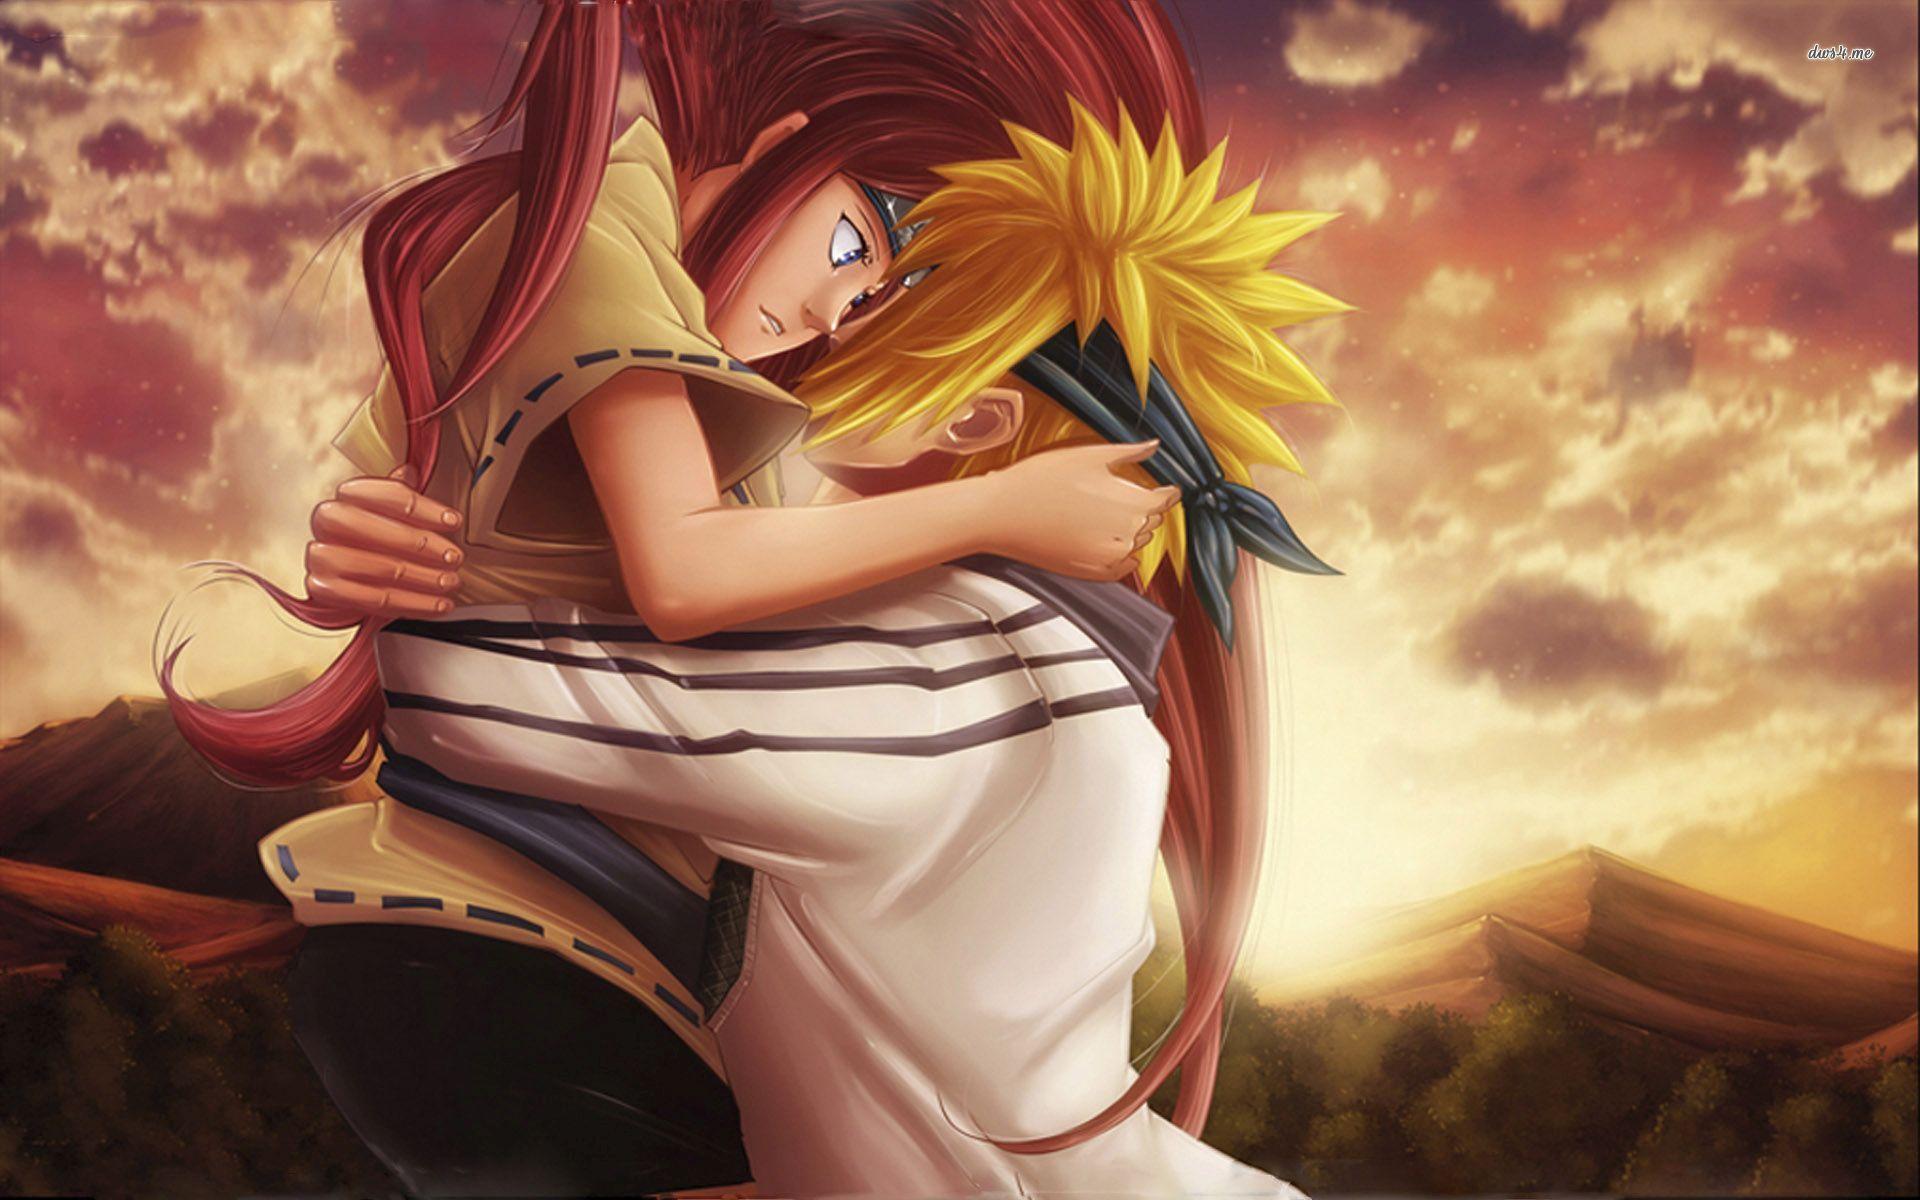 Anime Naruto Wallpapers Top Free Anime Naruto Backgrounds